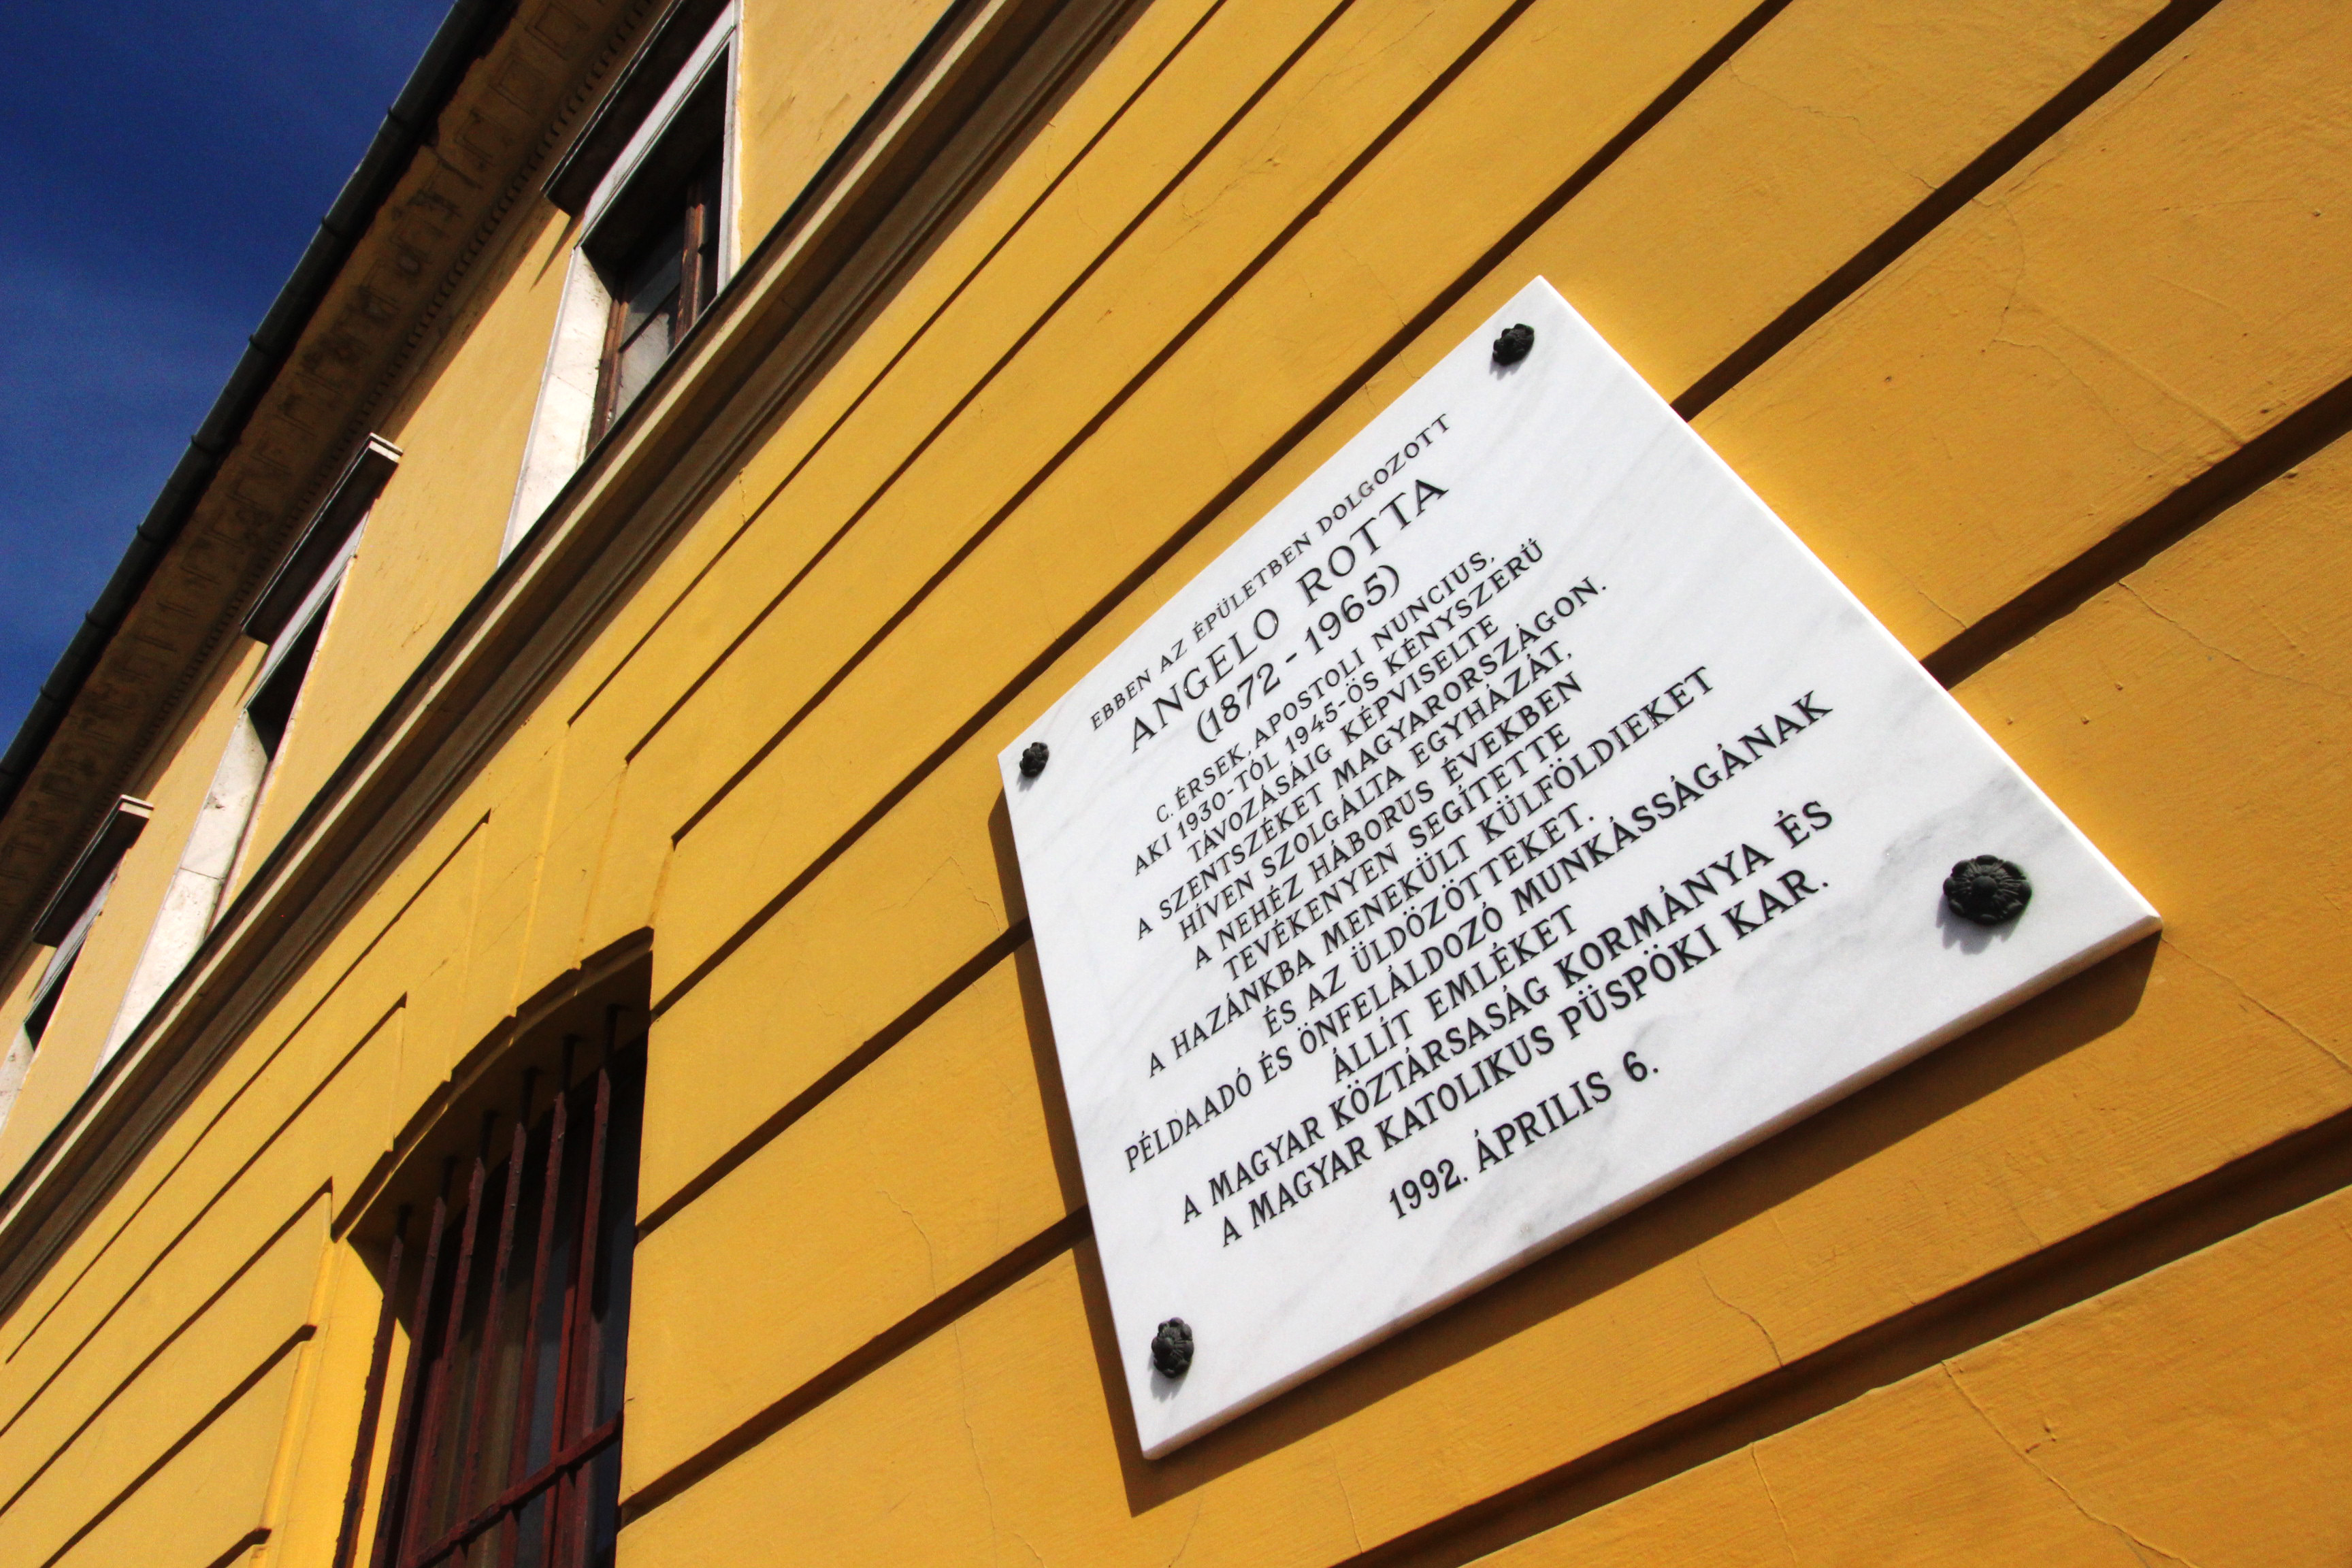 Angelo Rotta ház a Budai Várnegyedben